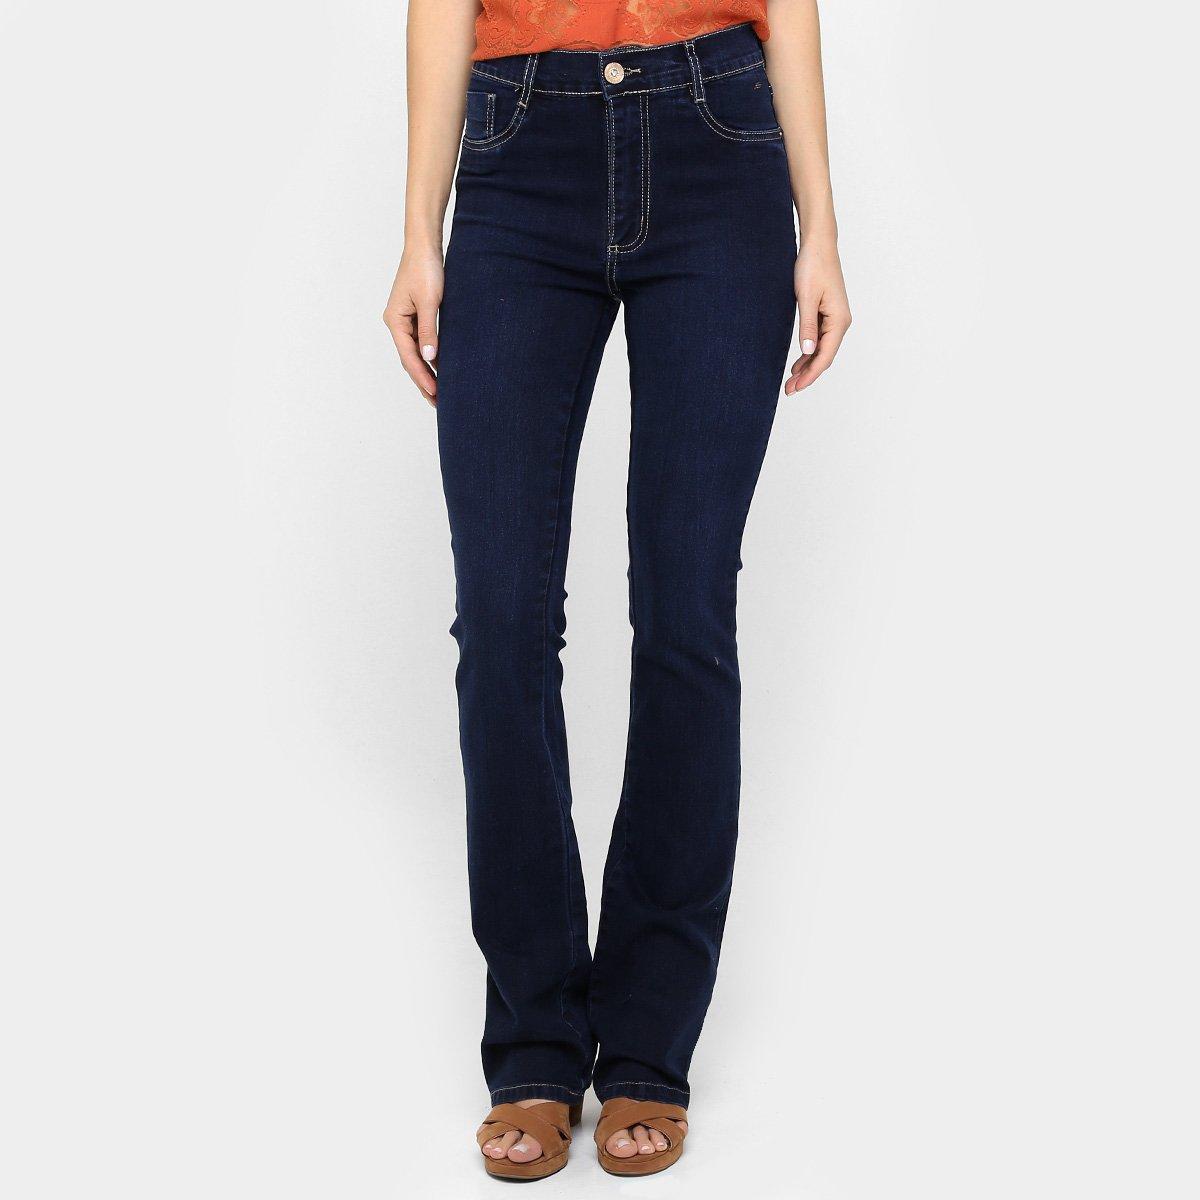 786139e28 Calça Sawary Hot Pant Flare Lavagem Escura - Compre Agora